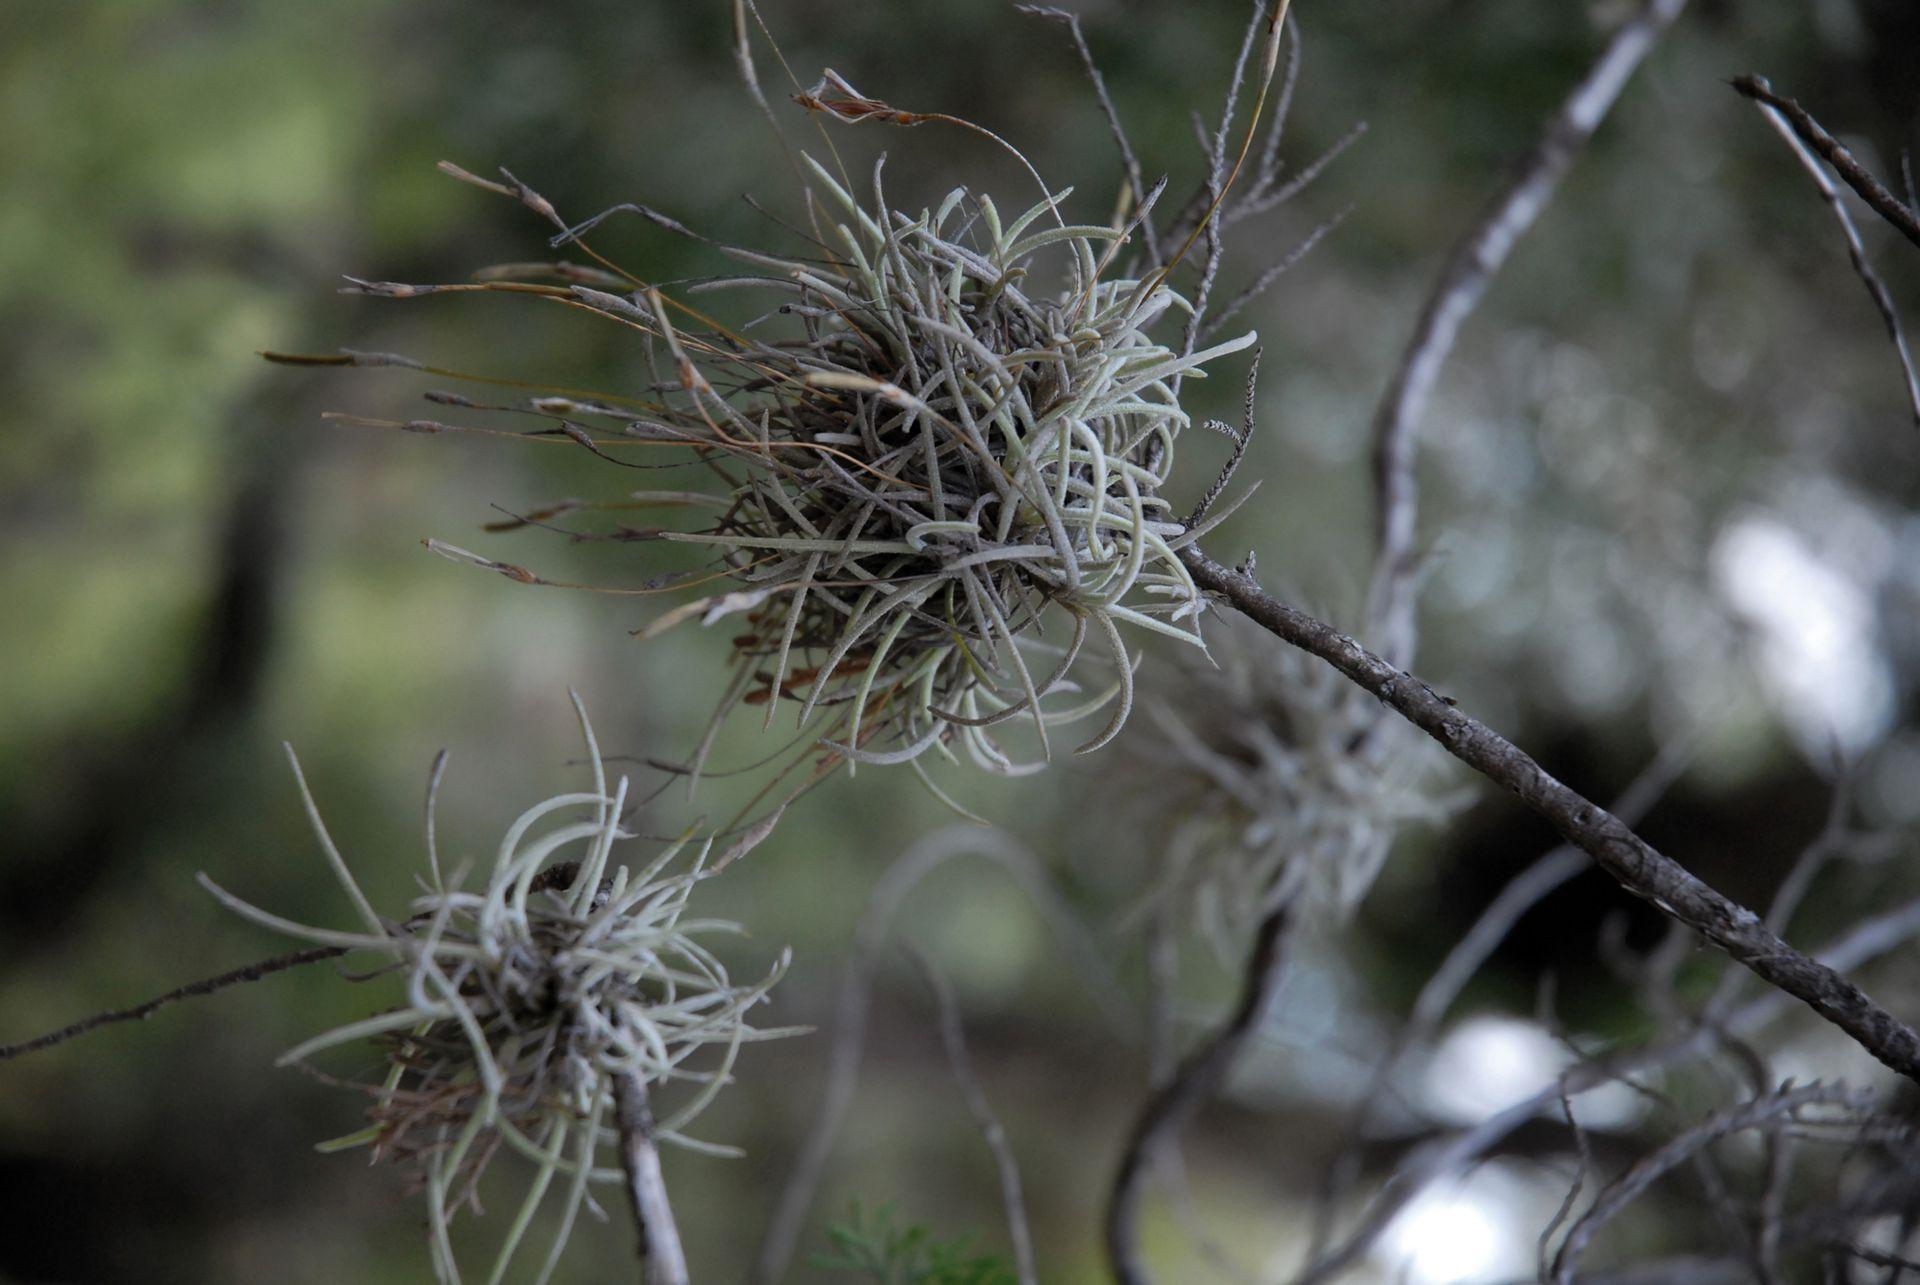 El clavel del aire es una planta epífita que se desarrolla sobre plantas leñosas.